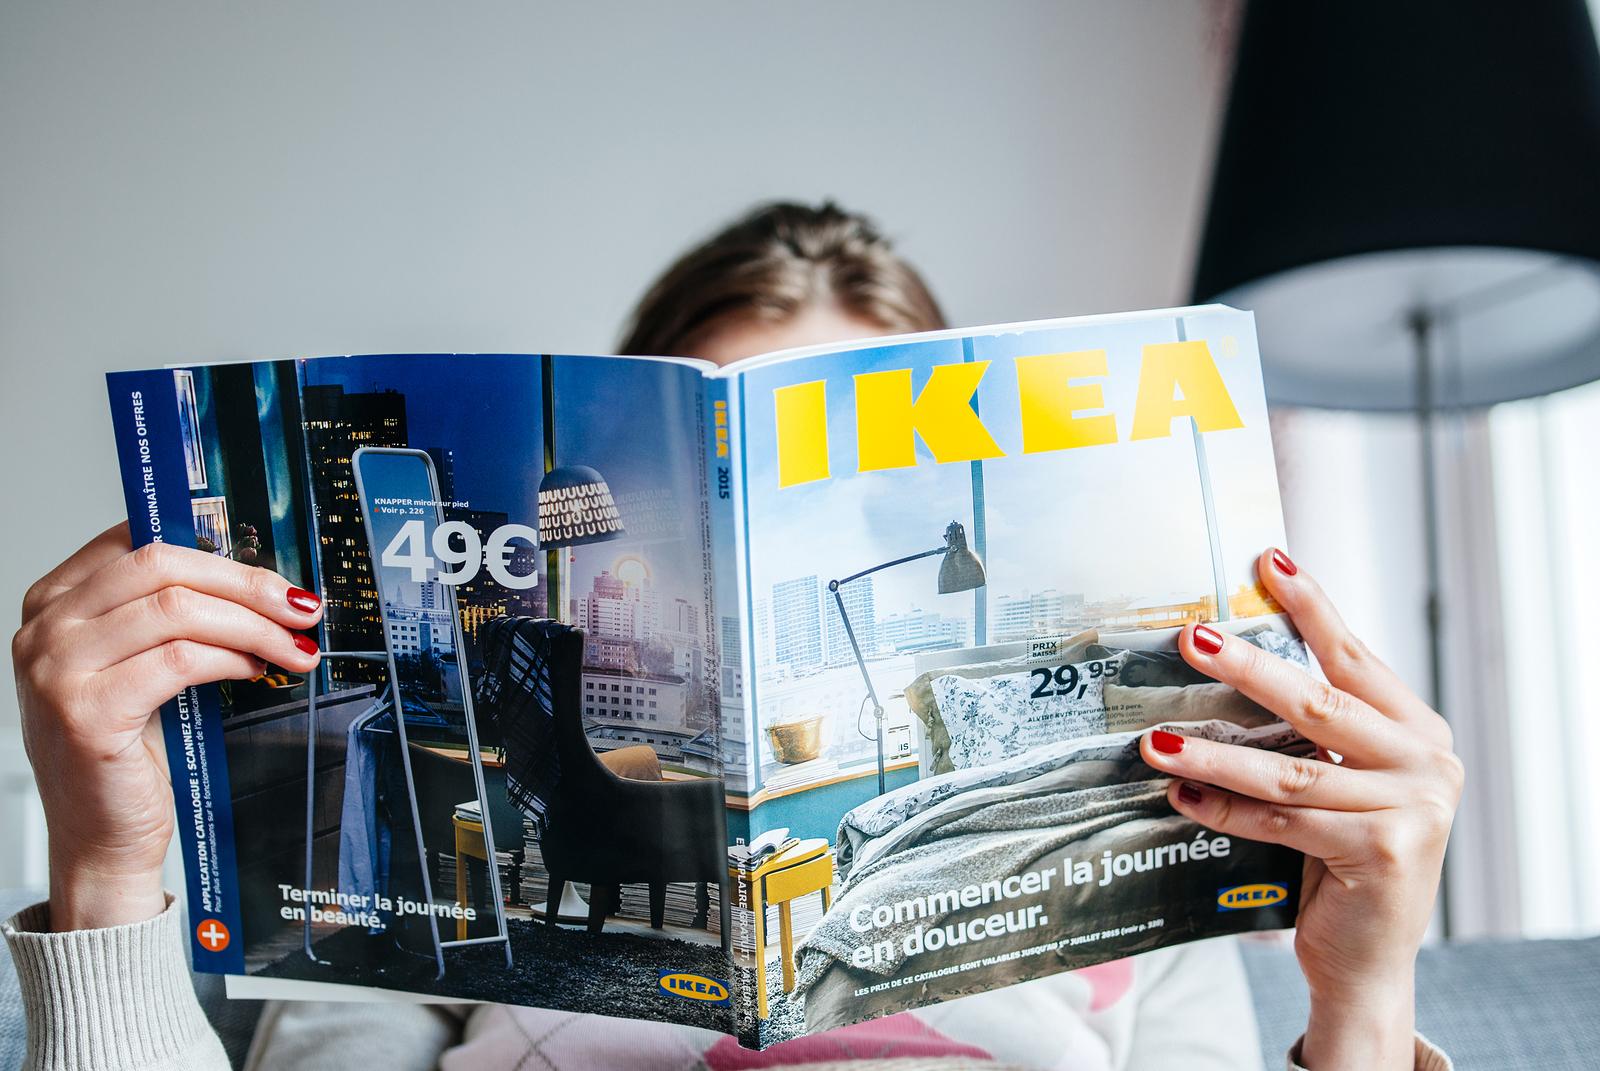 El cat logo de ikea el producto estrella en espa a de - Ikea espana catalogo ...